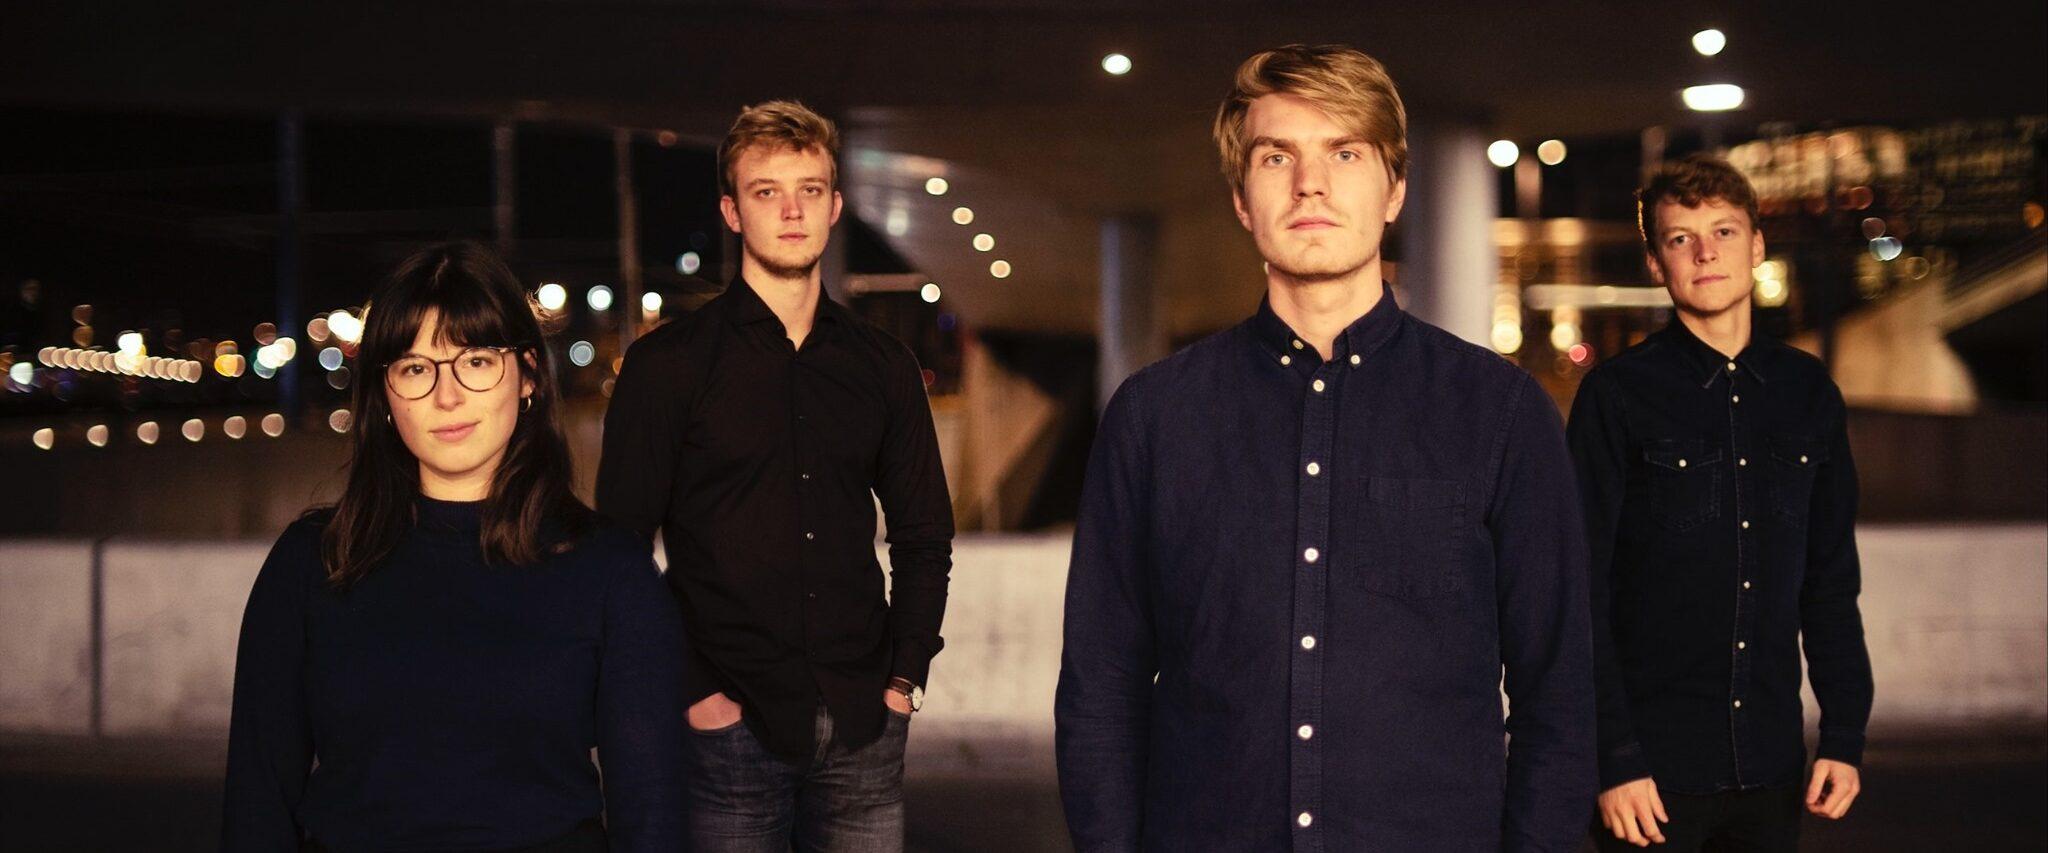 Anna Serierse   Gijs Idema Quartet 2